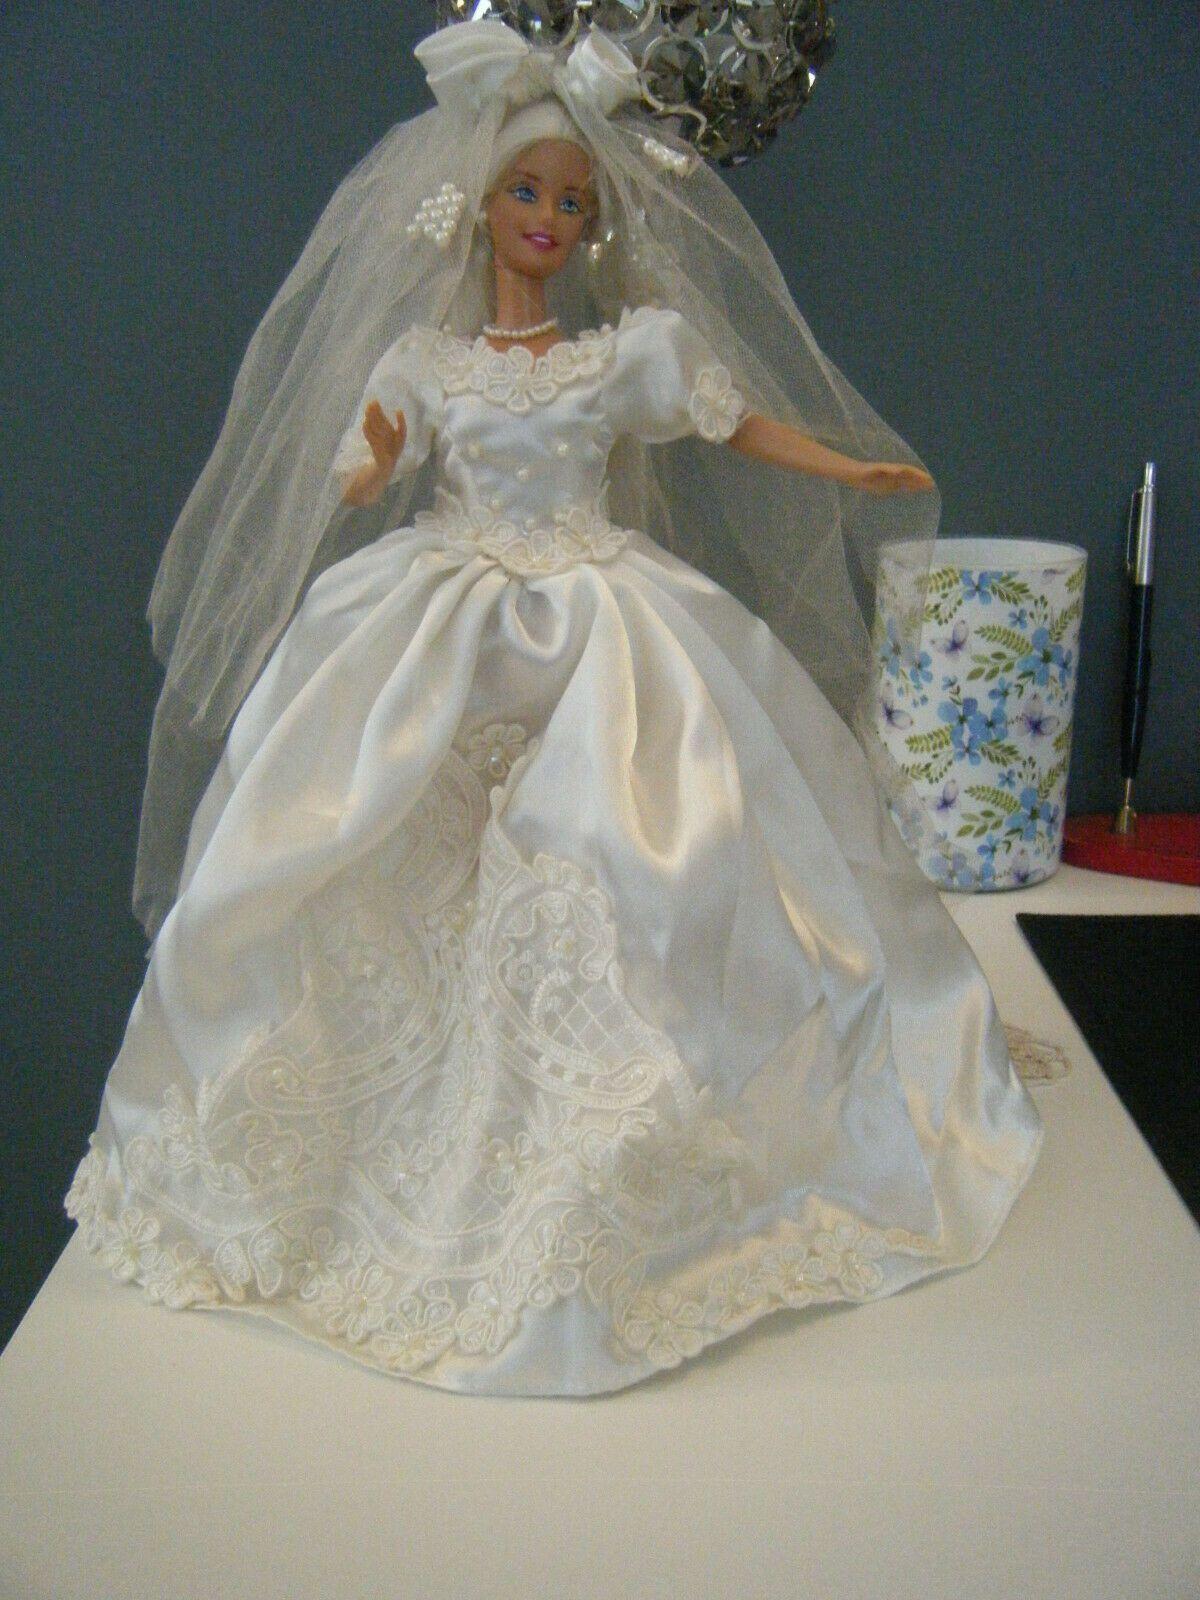 Barbie bride doll #bridedolls